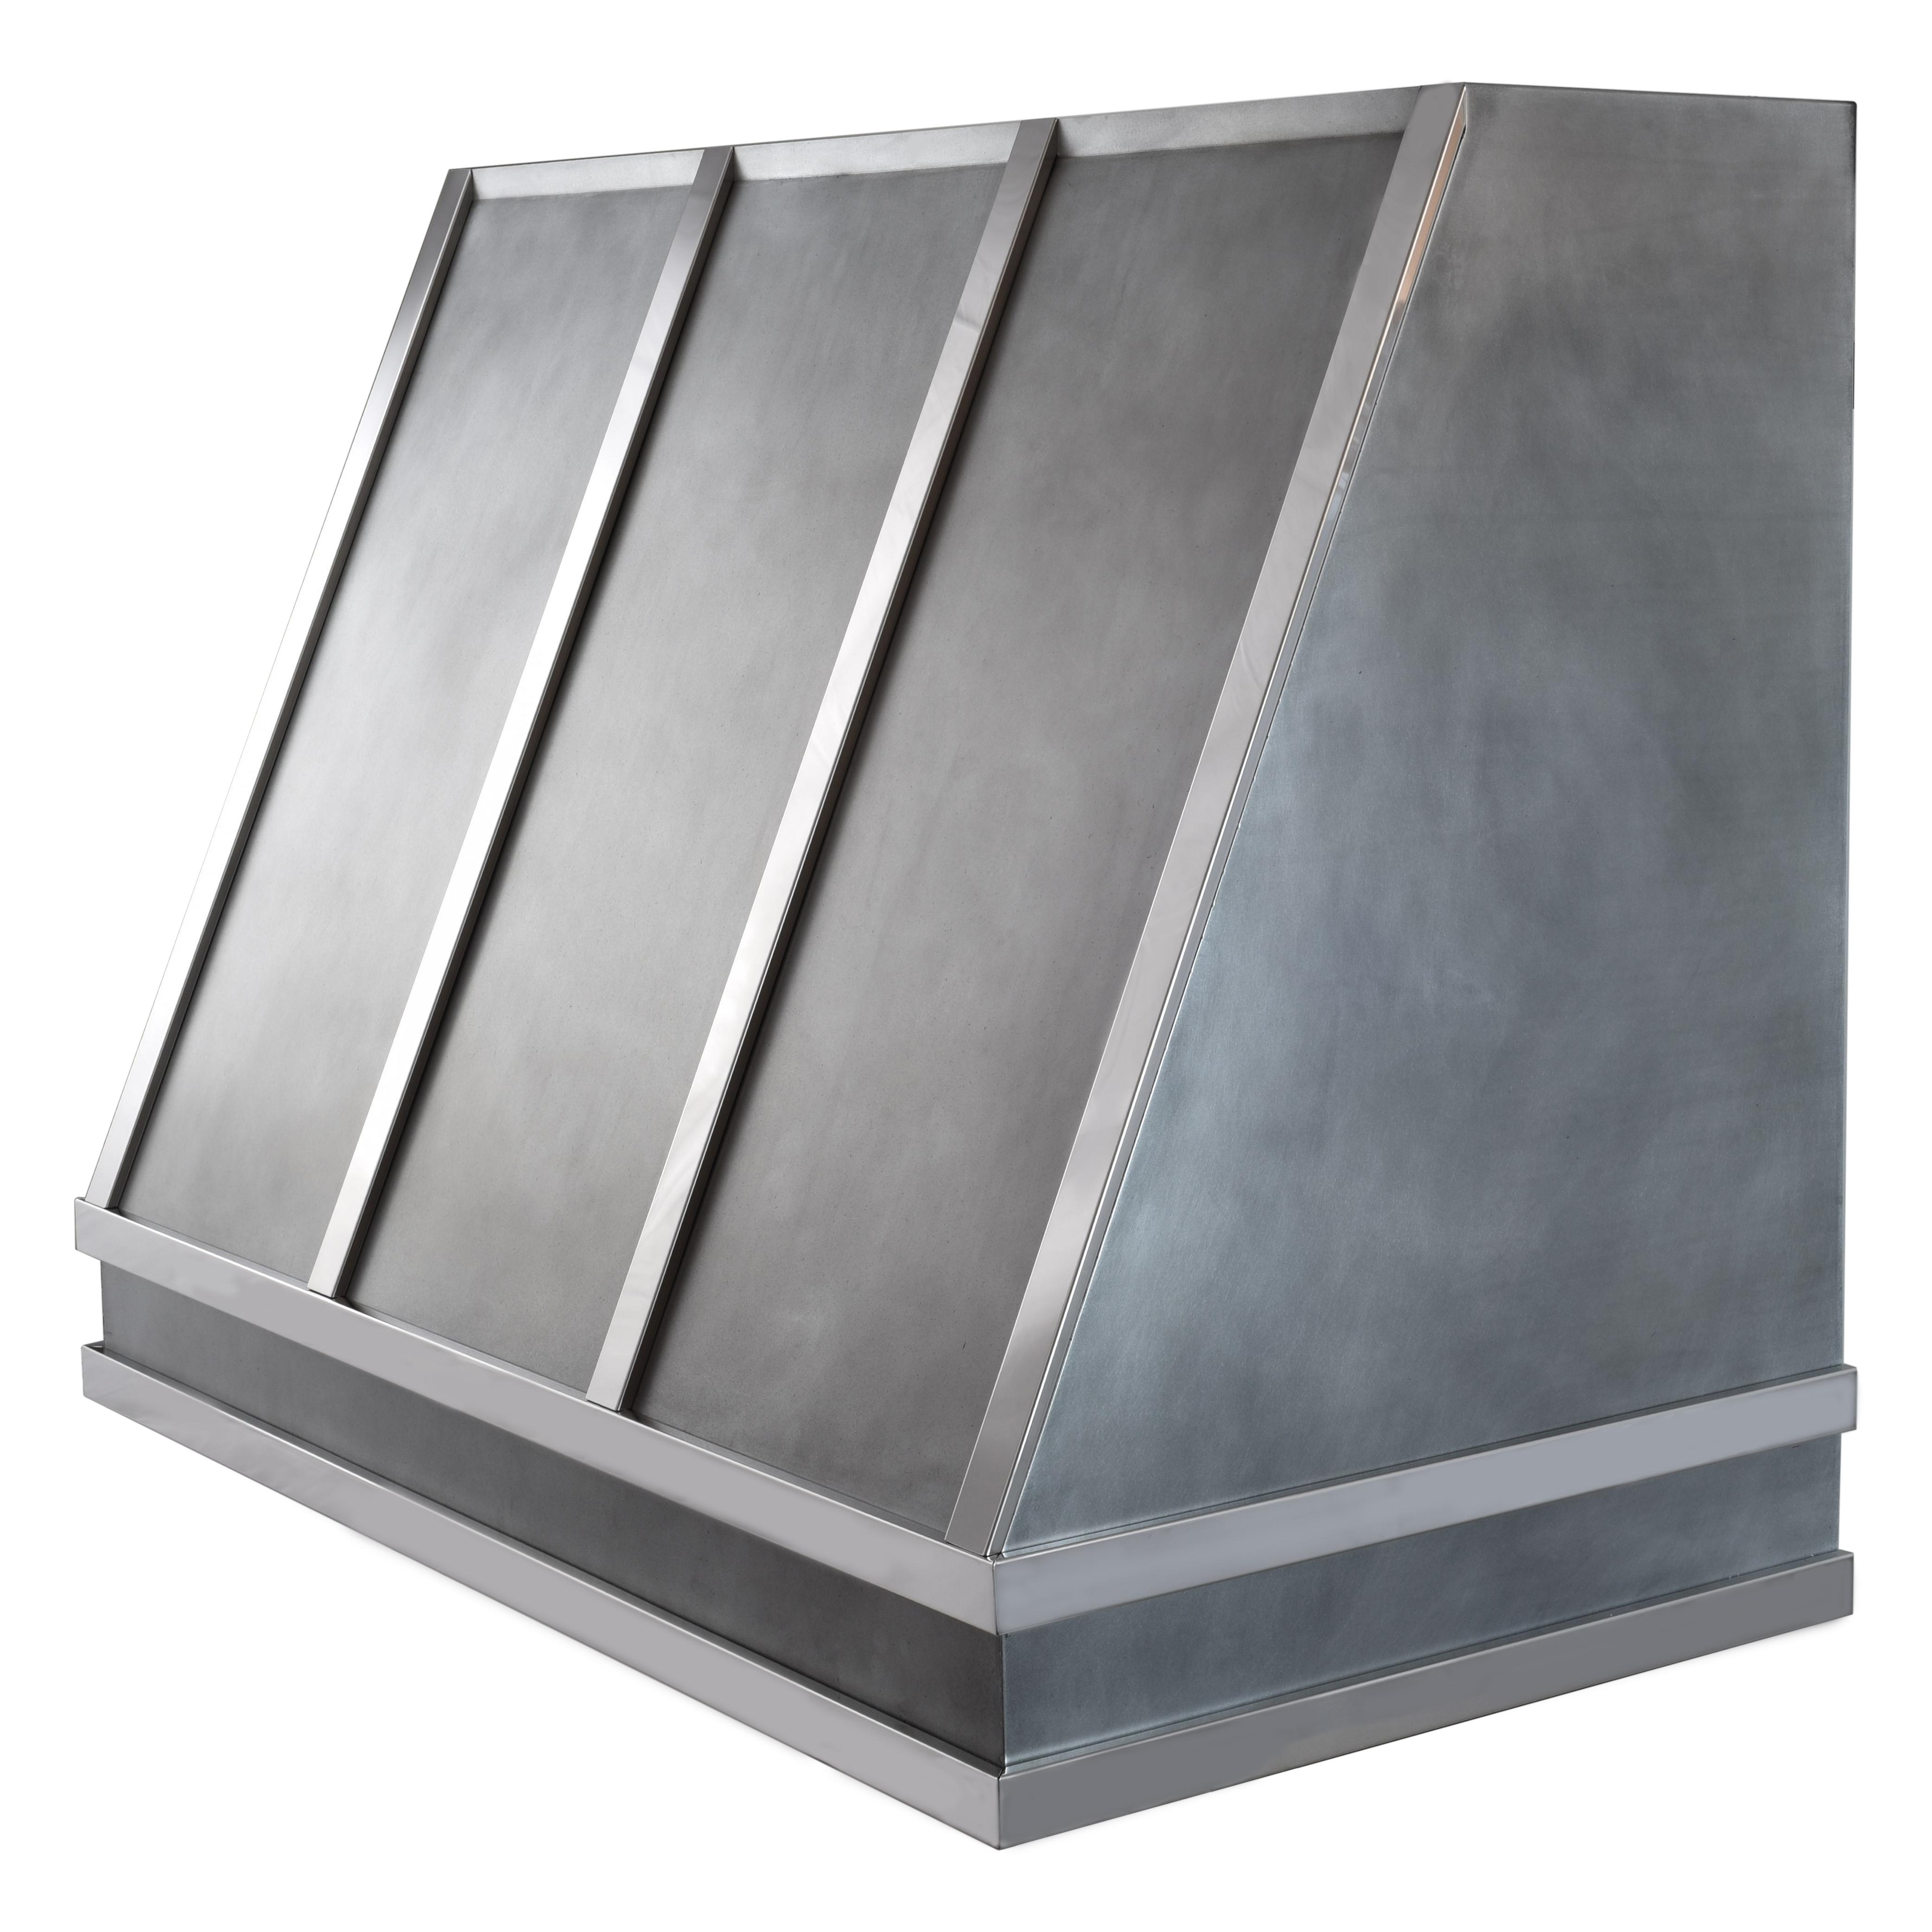 RH-4-zinc-mirror-1